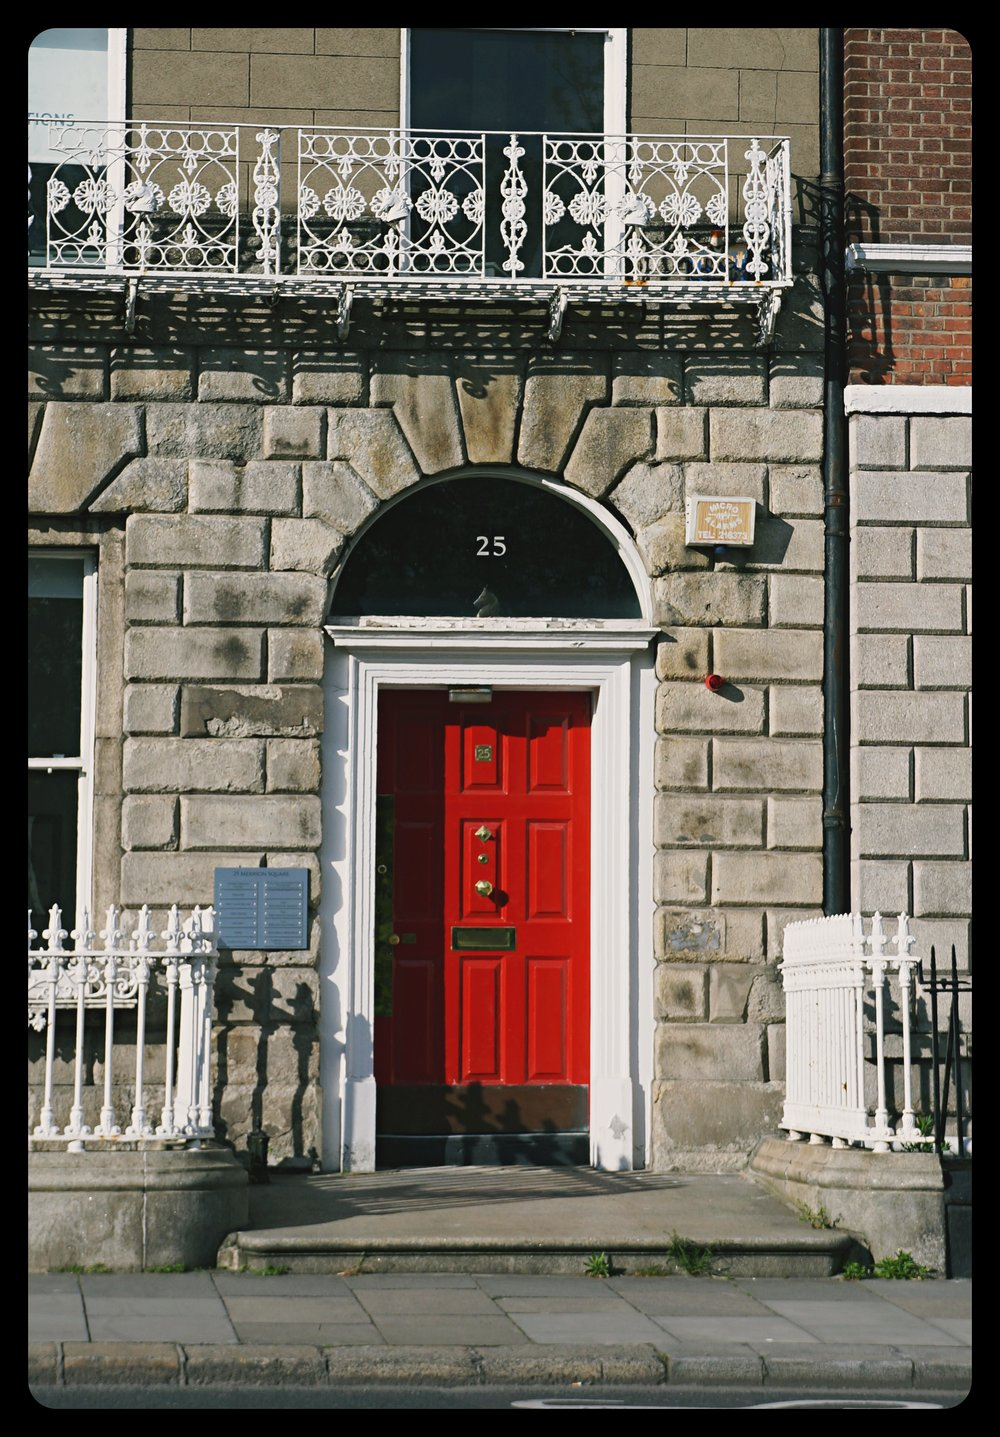 Houses in Dublin